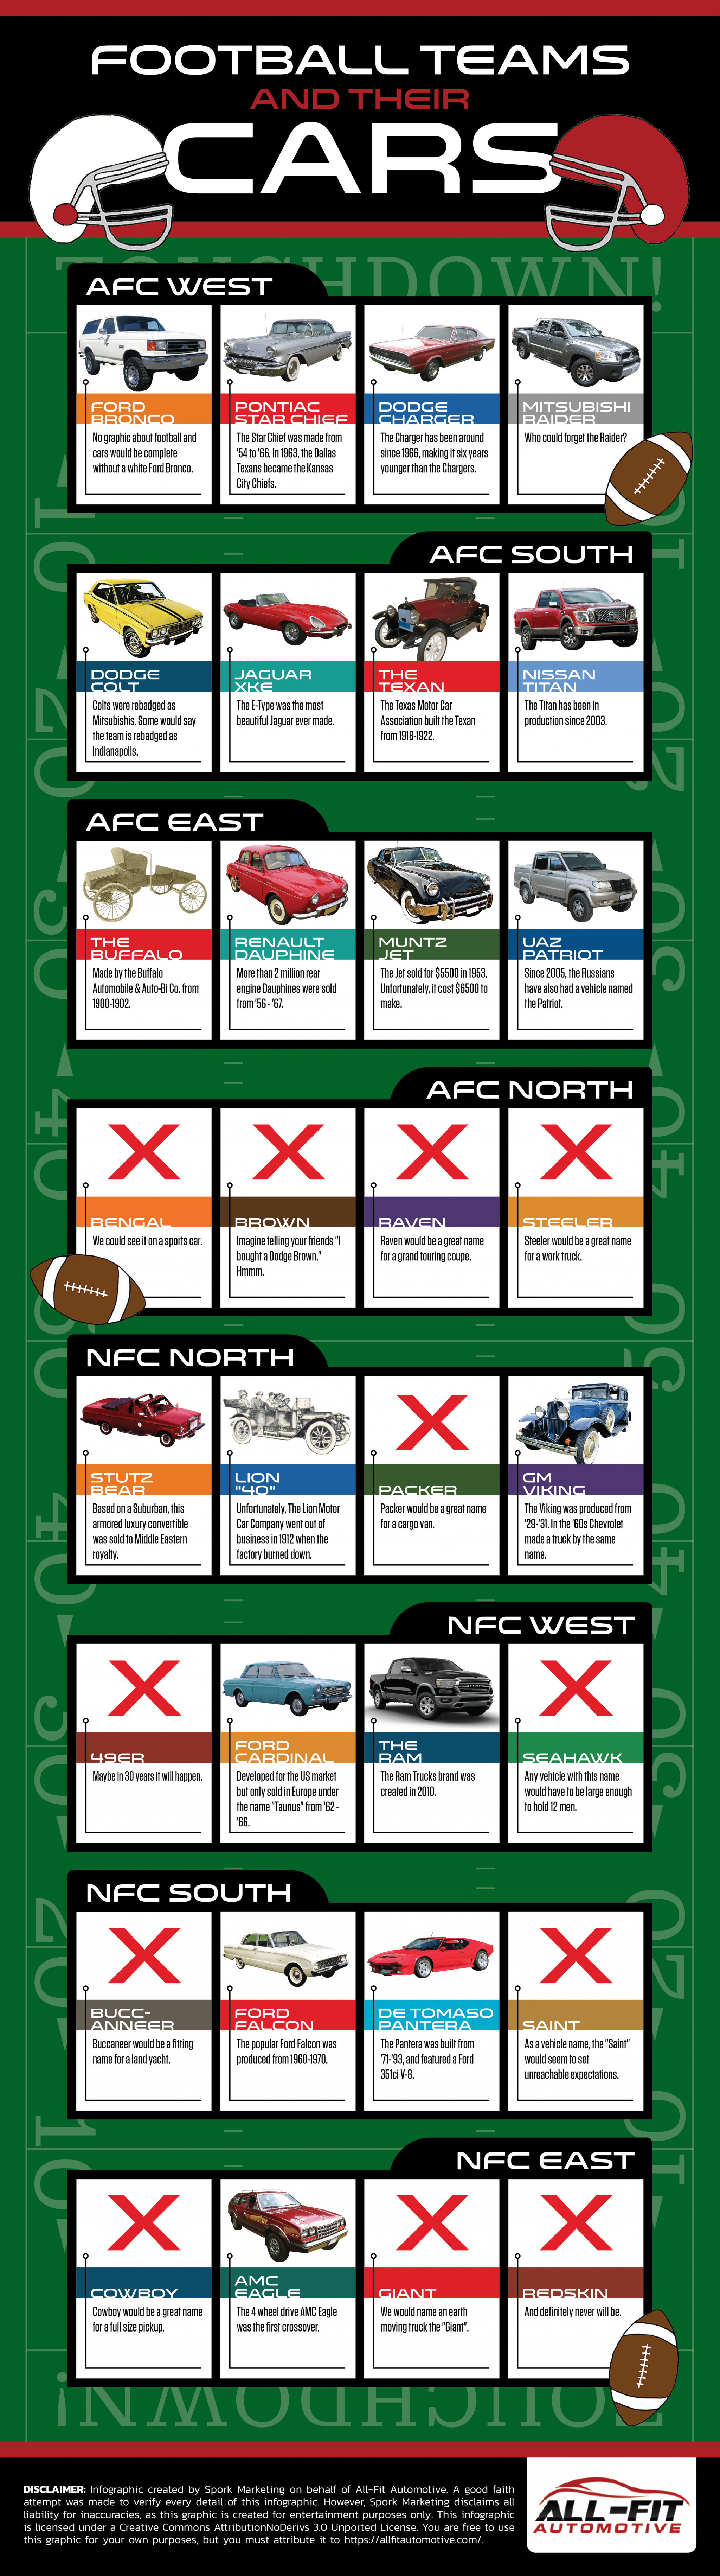 NFL Names